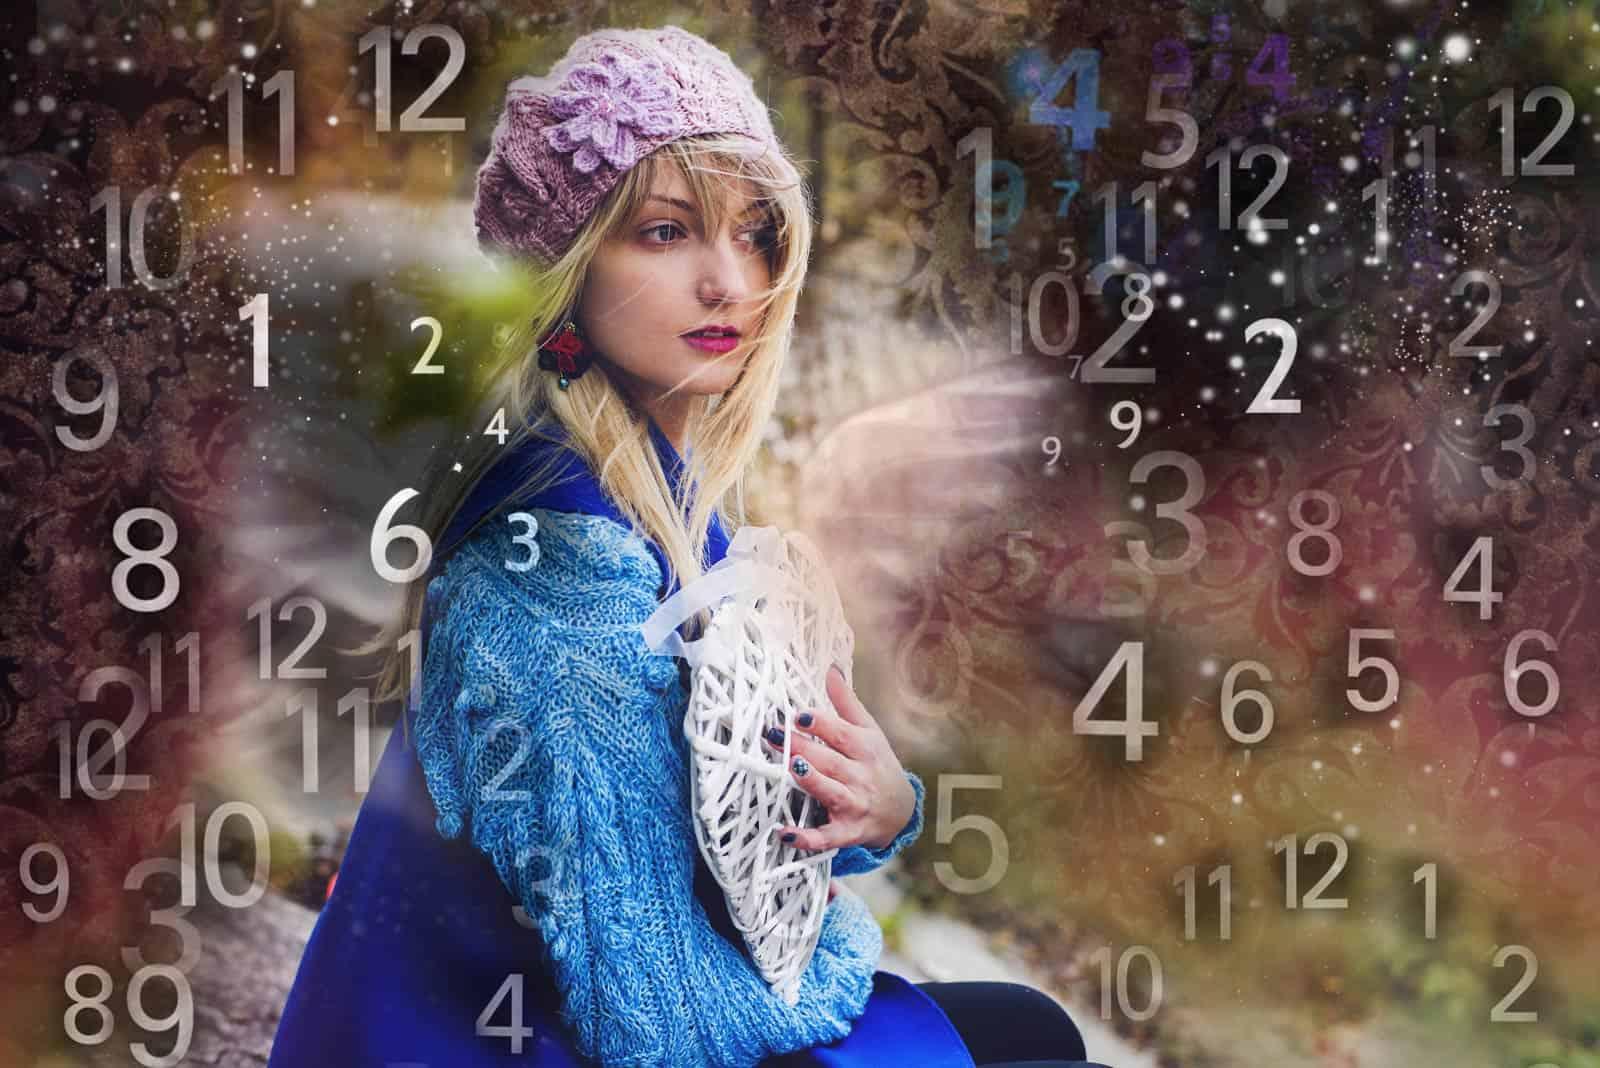 Proricanje numerologija ljubav novac uspjeh